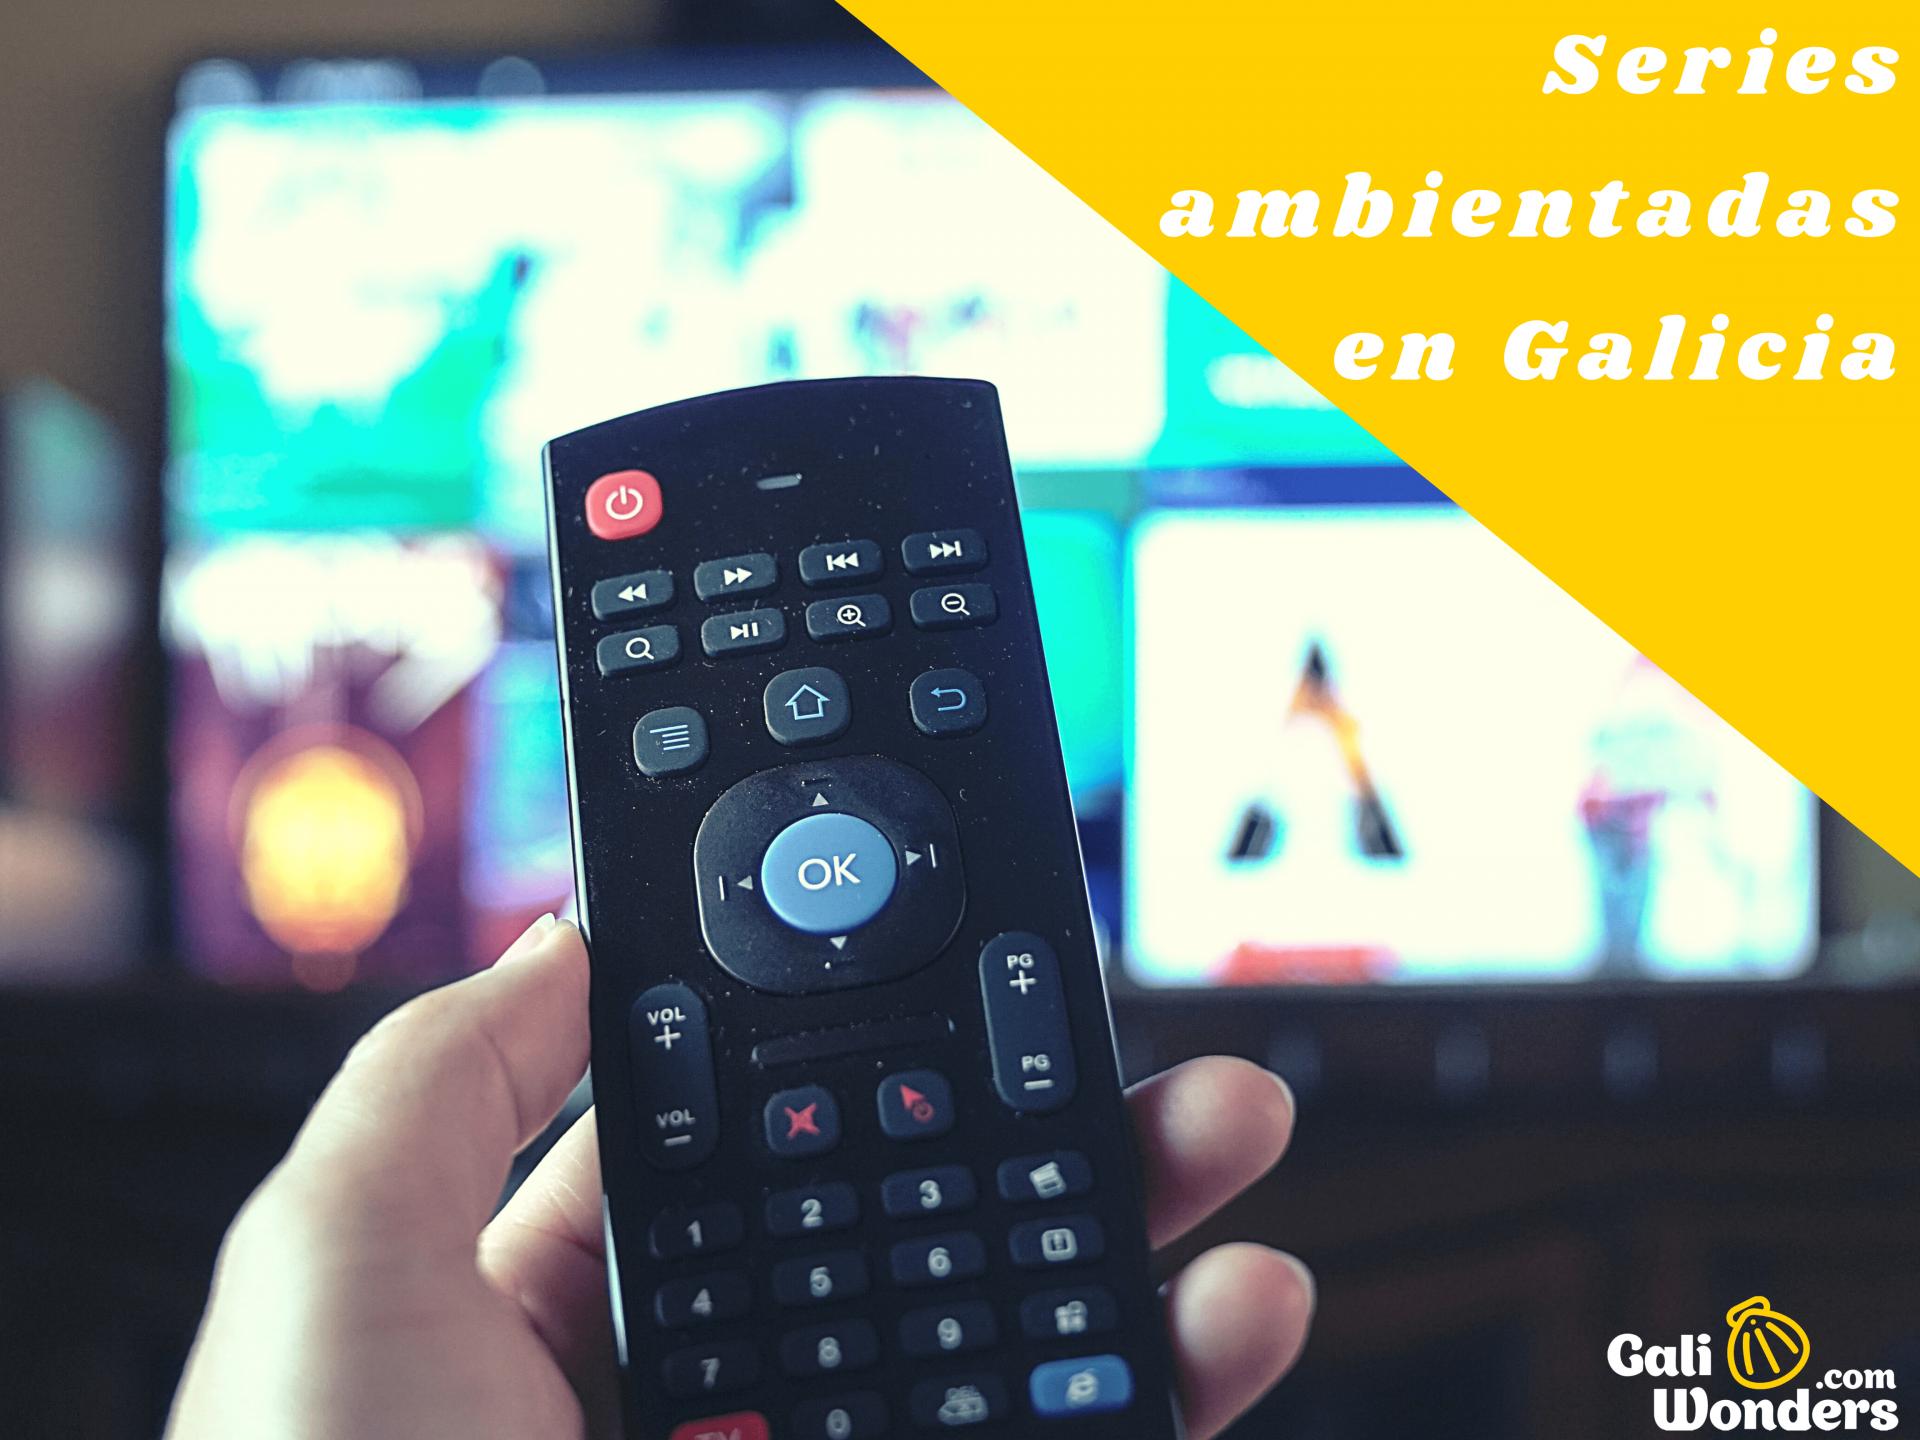 Series de television ambientadas en galicia